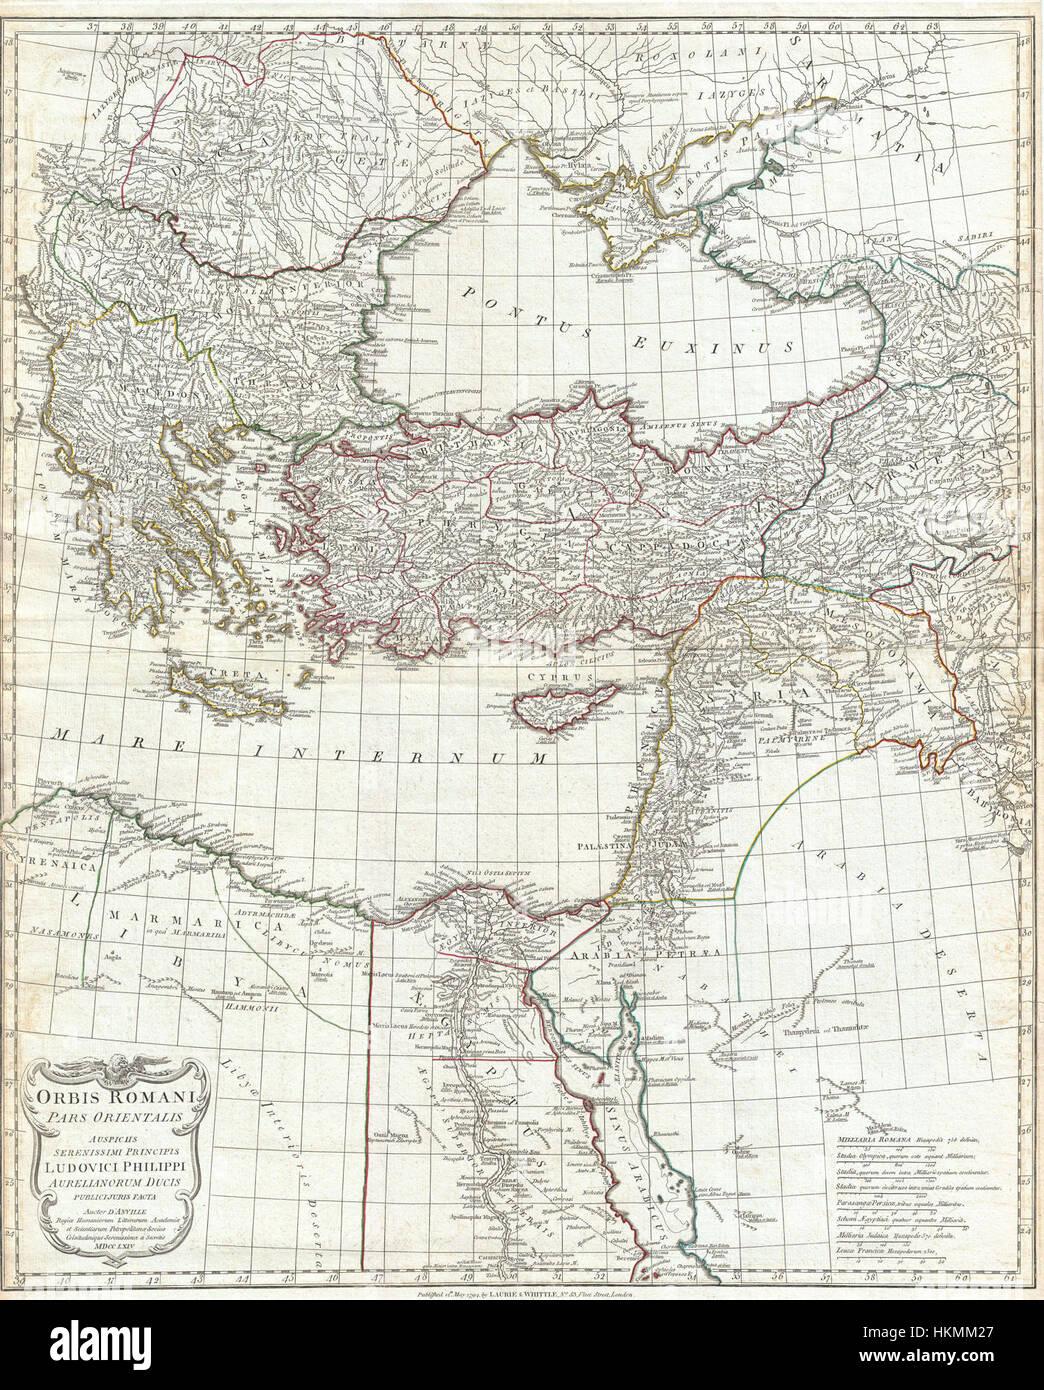 1794 Anville Site de l'Empire romain (inclues) - Grèce - Geographicus-RomanEmpireEast anville-1794 Photo Stock